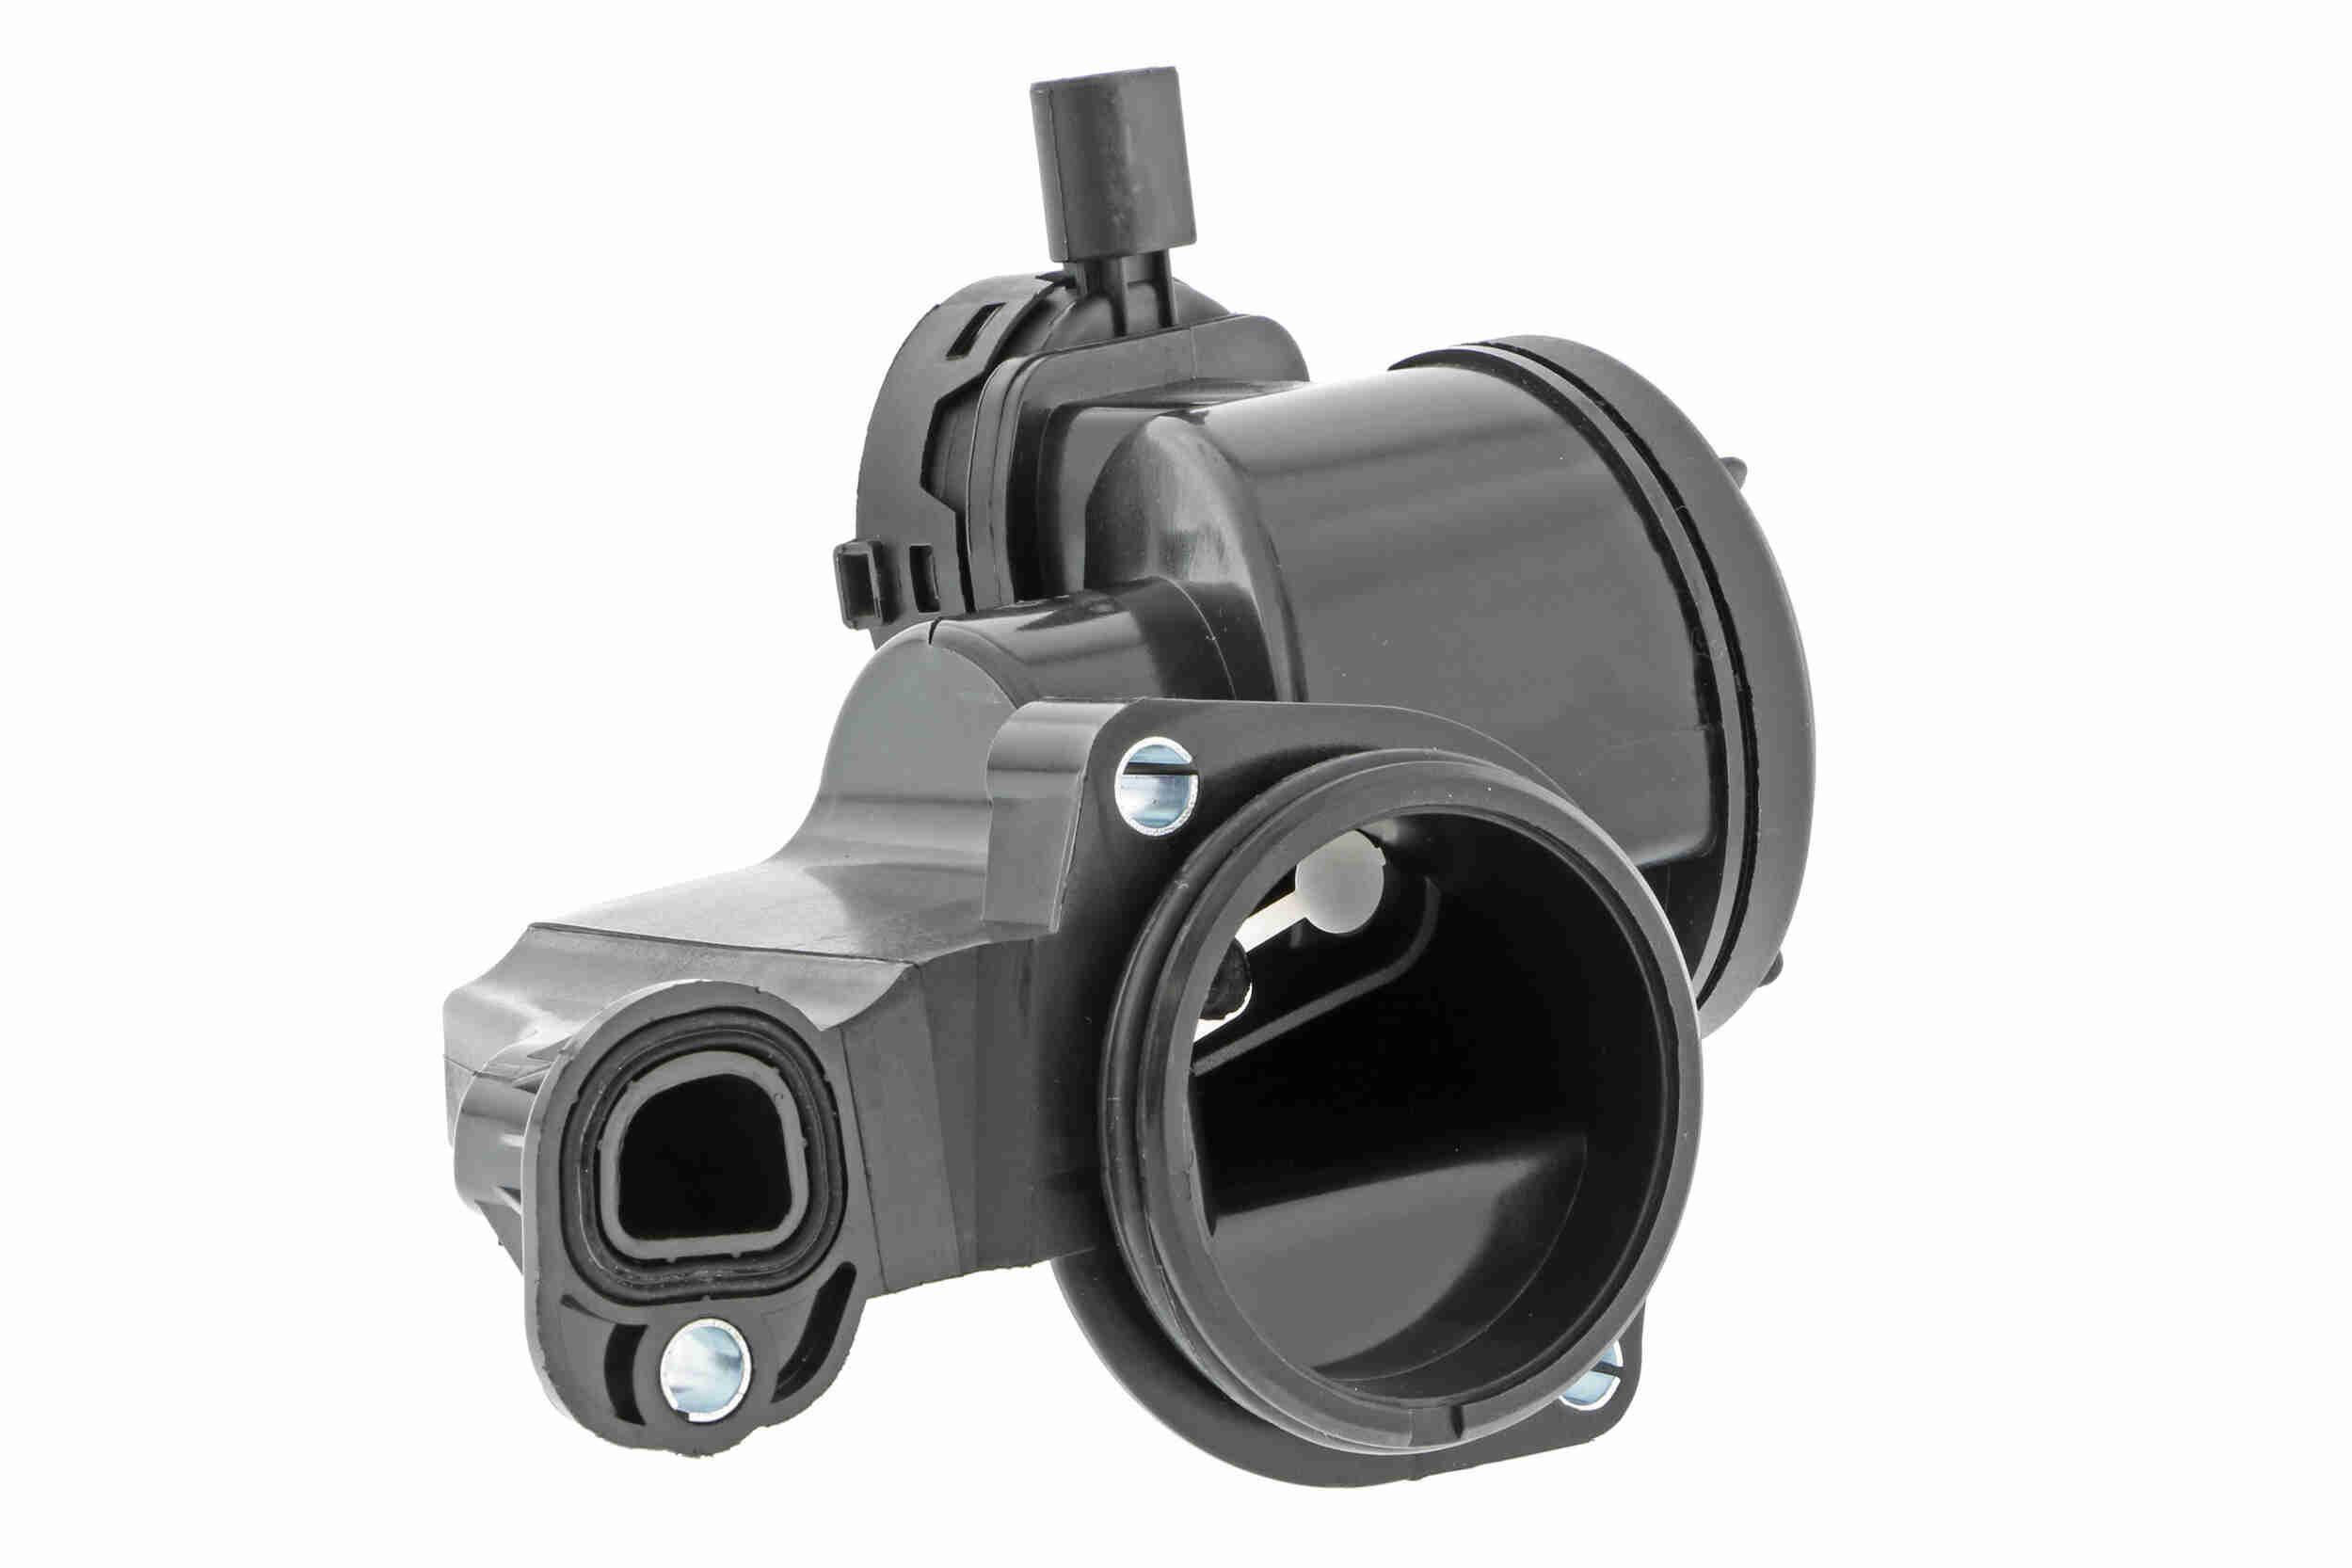 V10-2255 VAICO Entlüftungsventil, motorseitig, mit Dichtungen, mit Stecker, Original VAICO Qualität elektrischgesteuert Ventil, Kurbelgehäuseentlüftung V10-2255 günstig kaufen